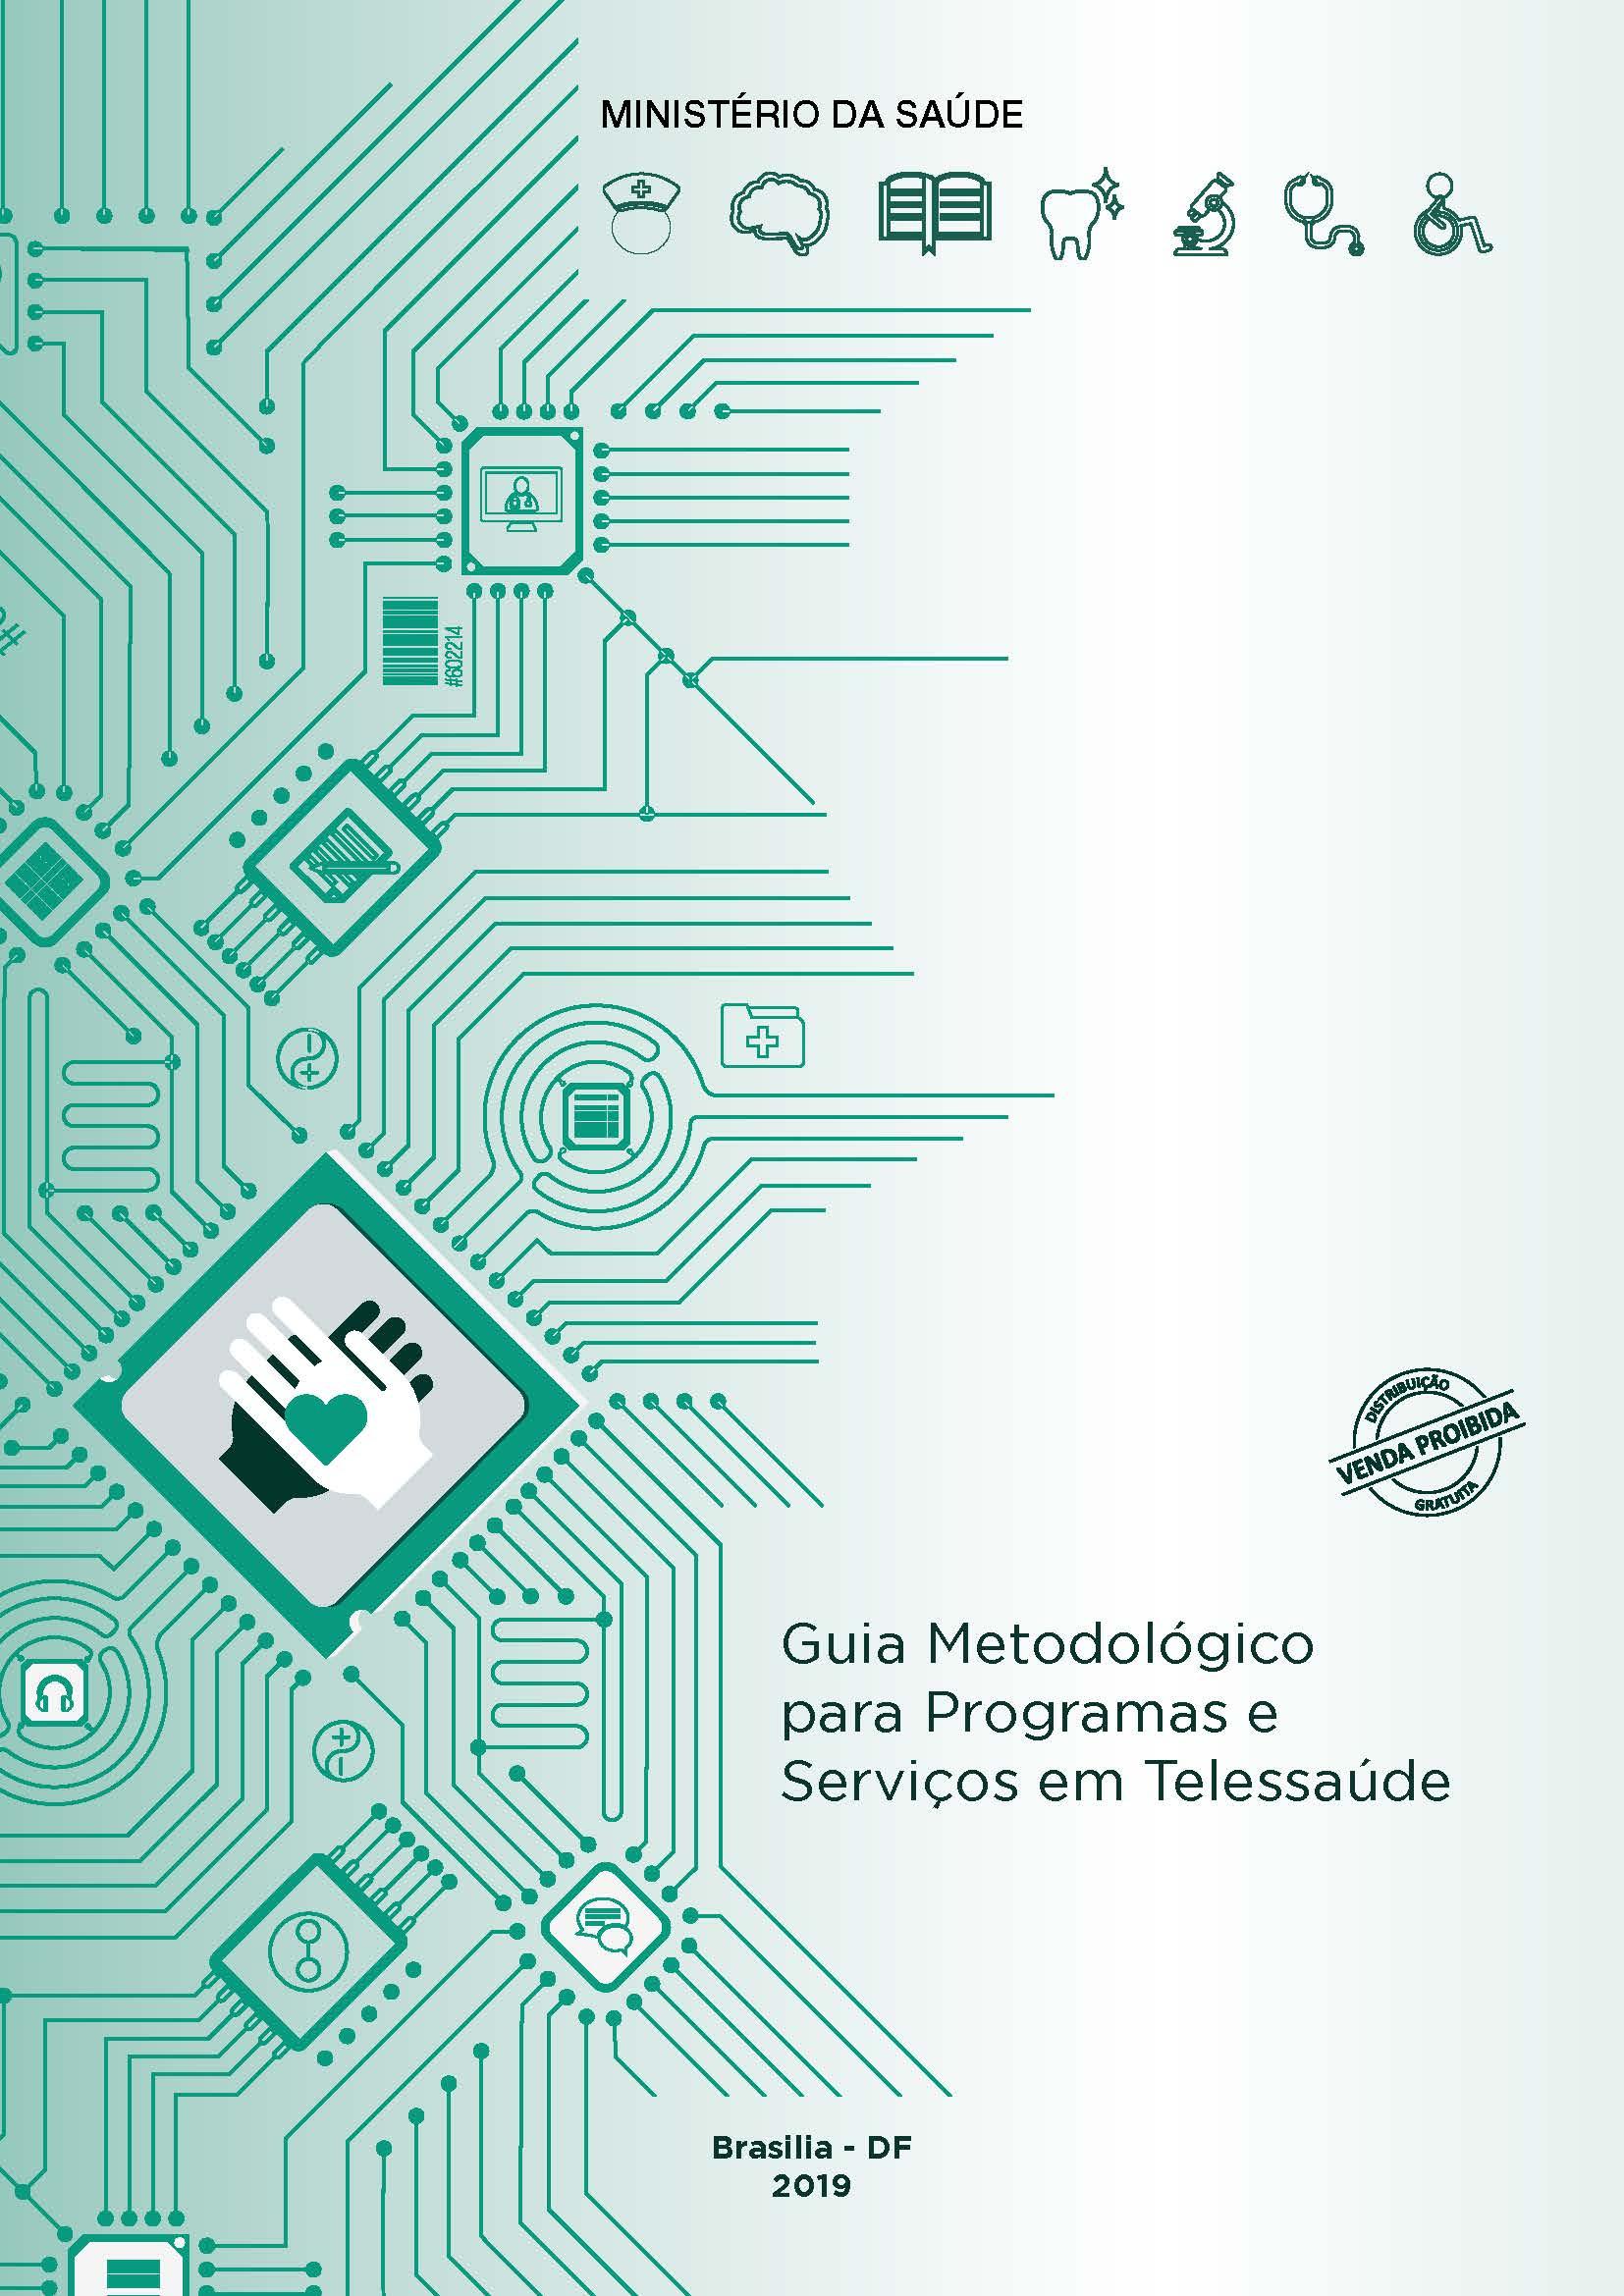 Guia Metodológico para Programas e Serviços em Telessaúde